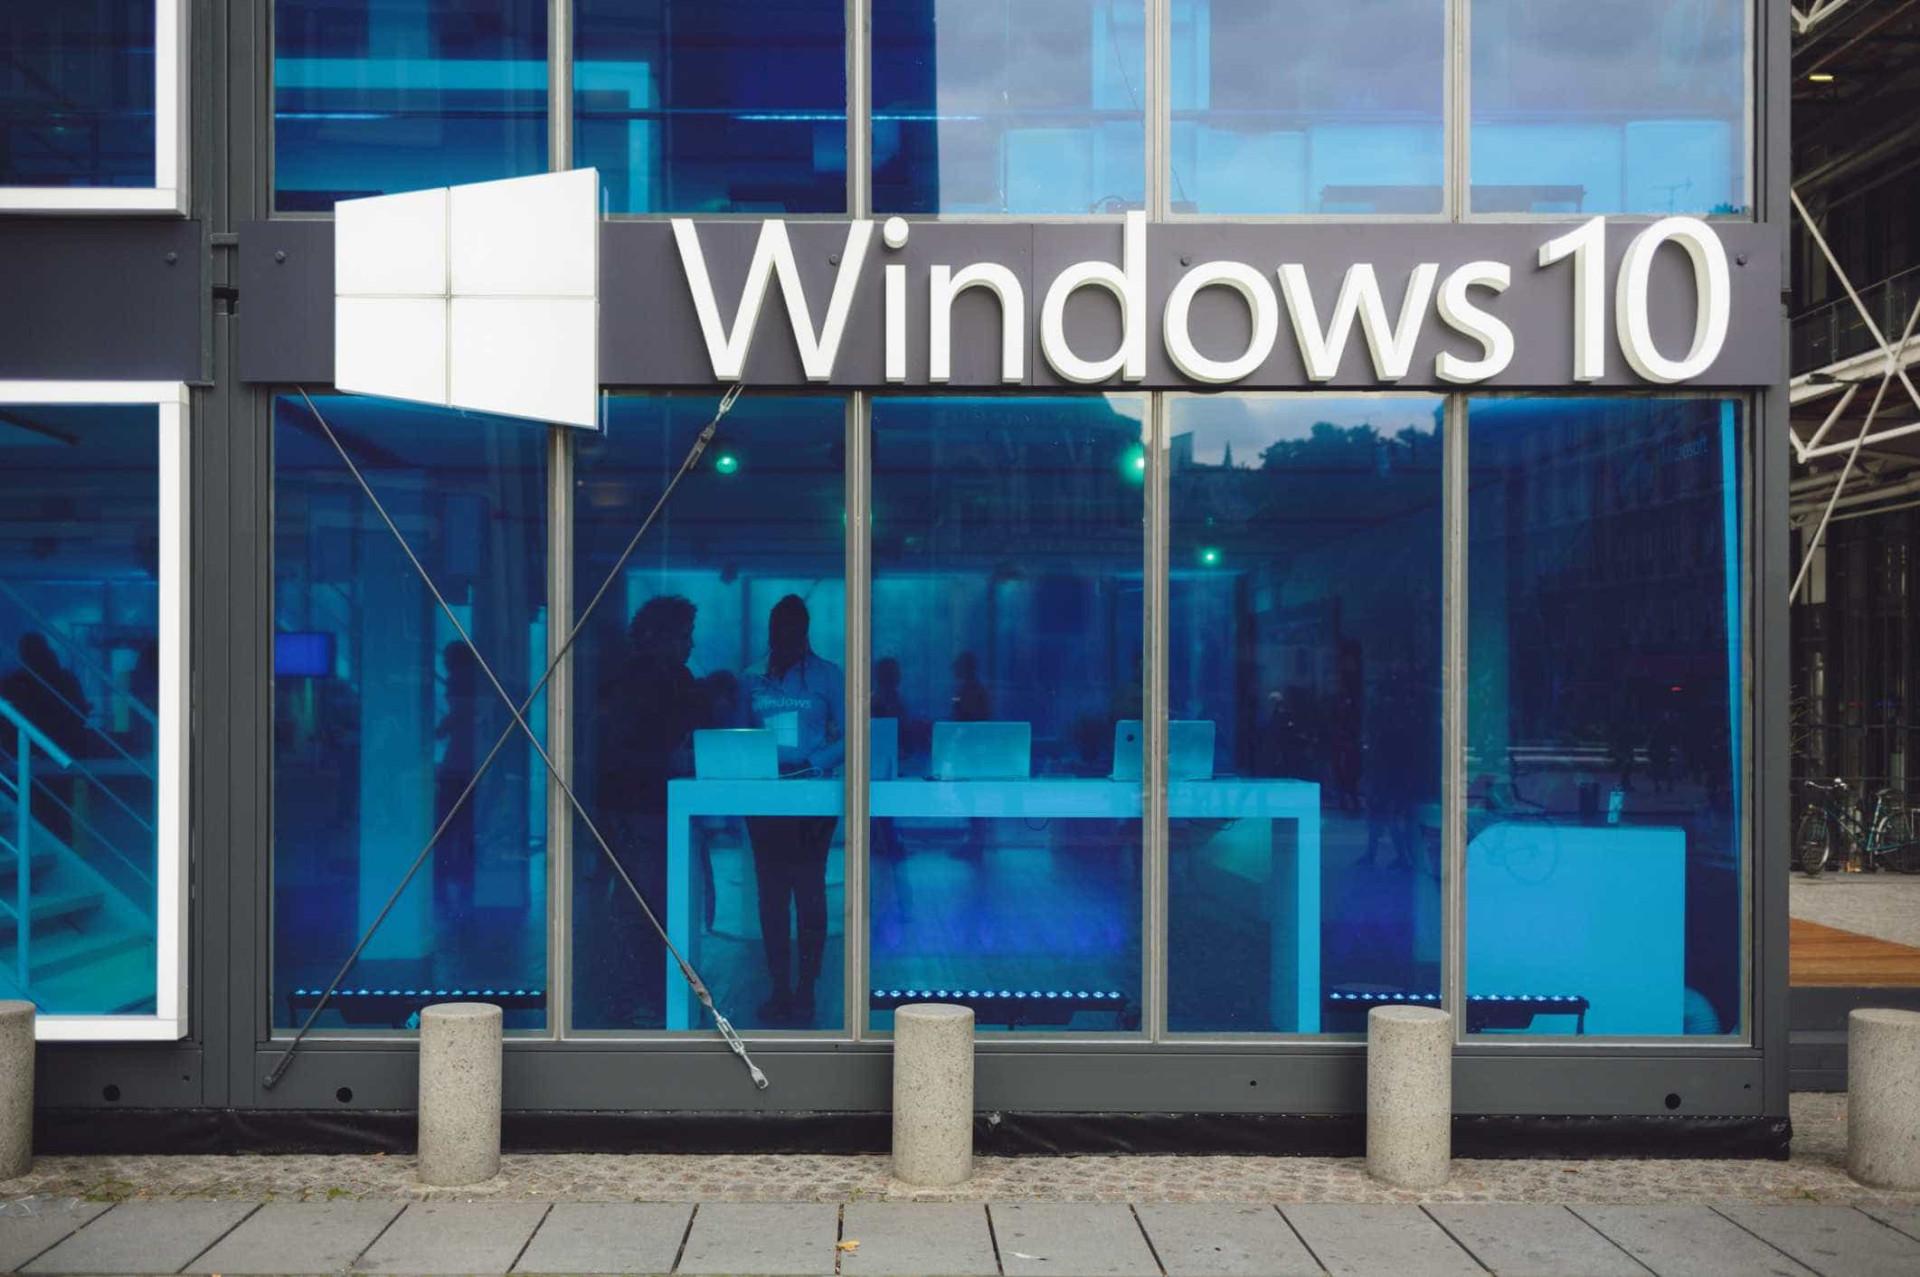 Os factos e as curiosidades mais impressionantes sobre a Microsoft